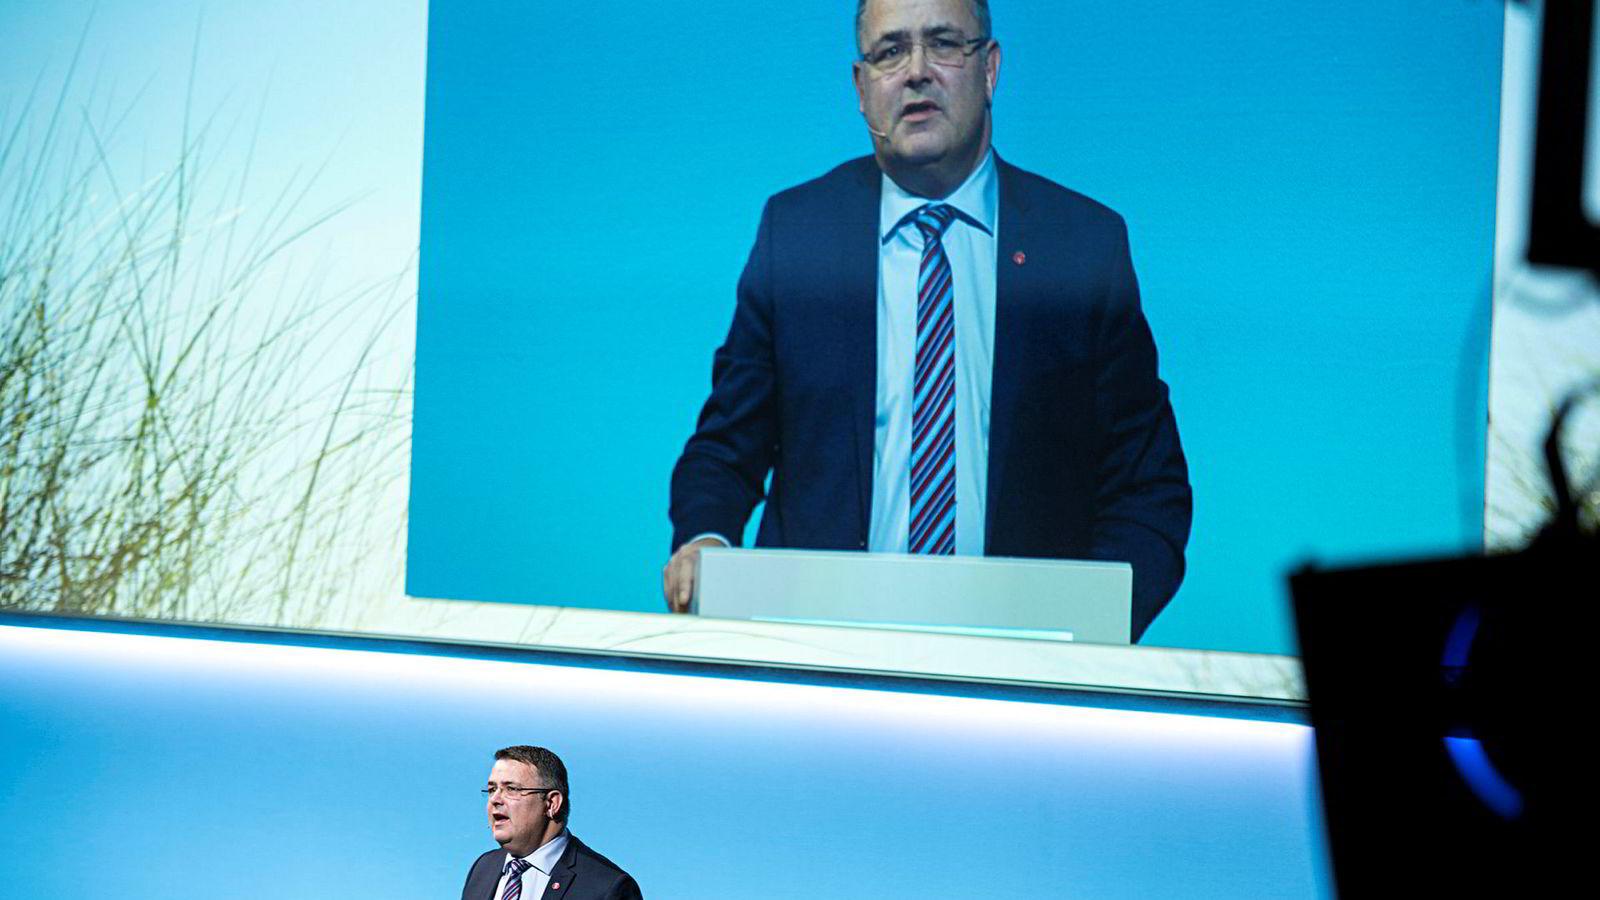 Olje- og energiminister Kjell-Børge Freiberg liker ikke at Høyre-topper åpent lufter sine tanker om å endre norsk oljepolitikk.